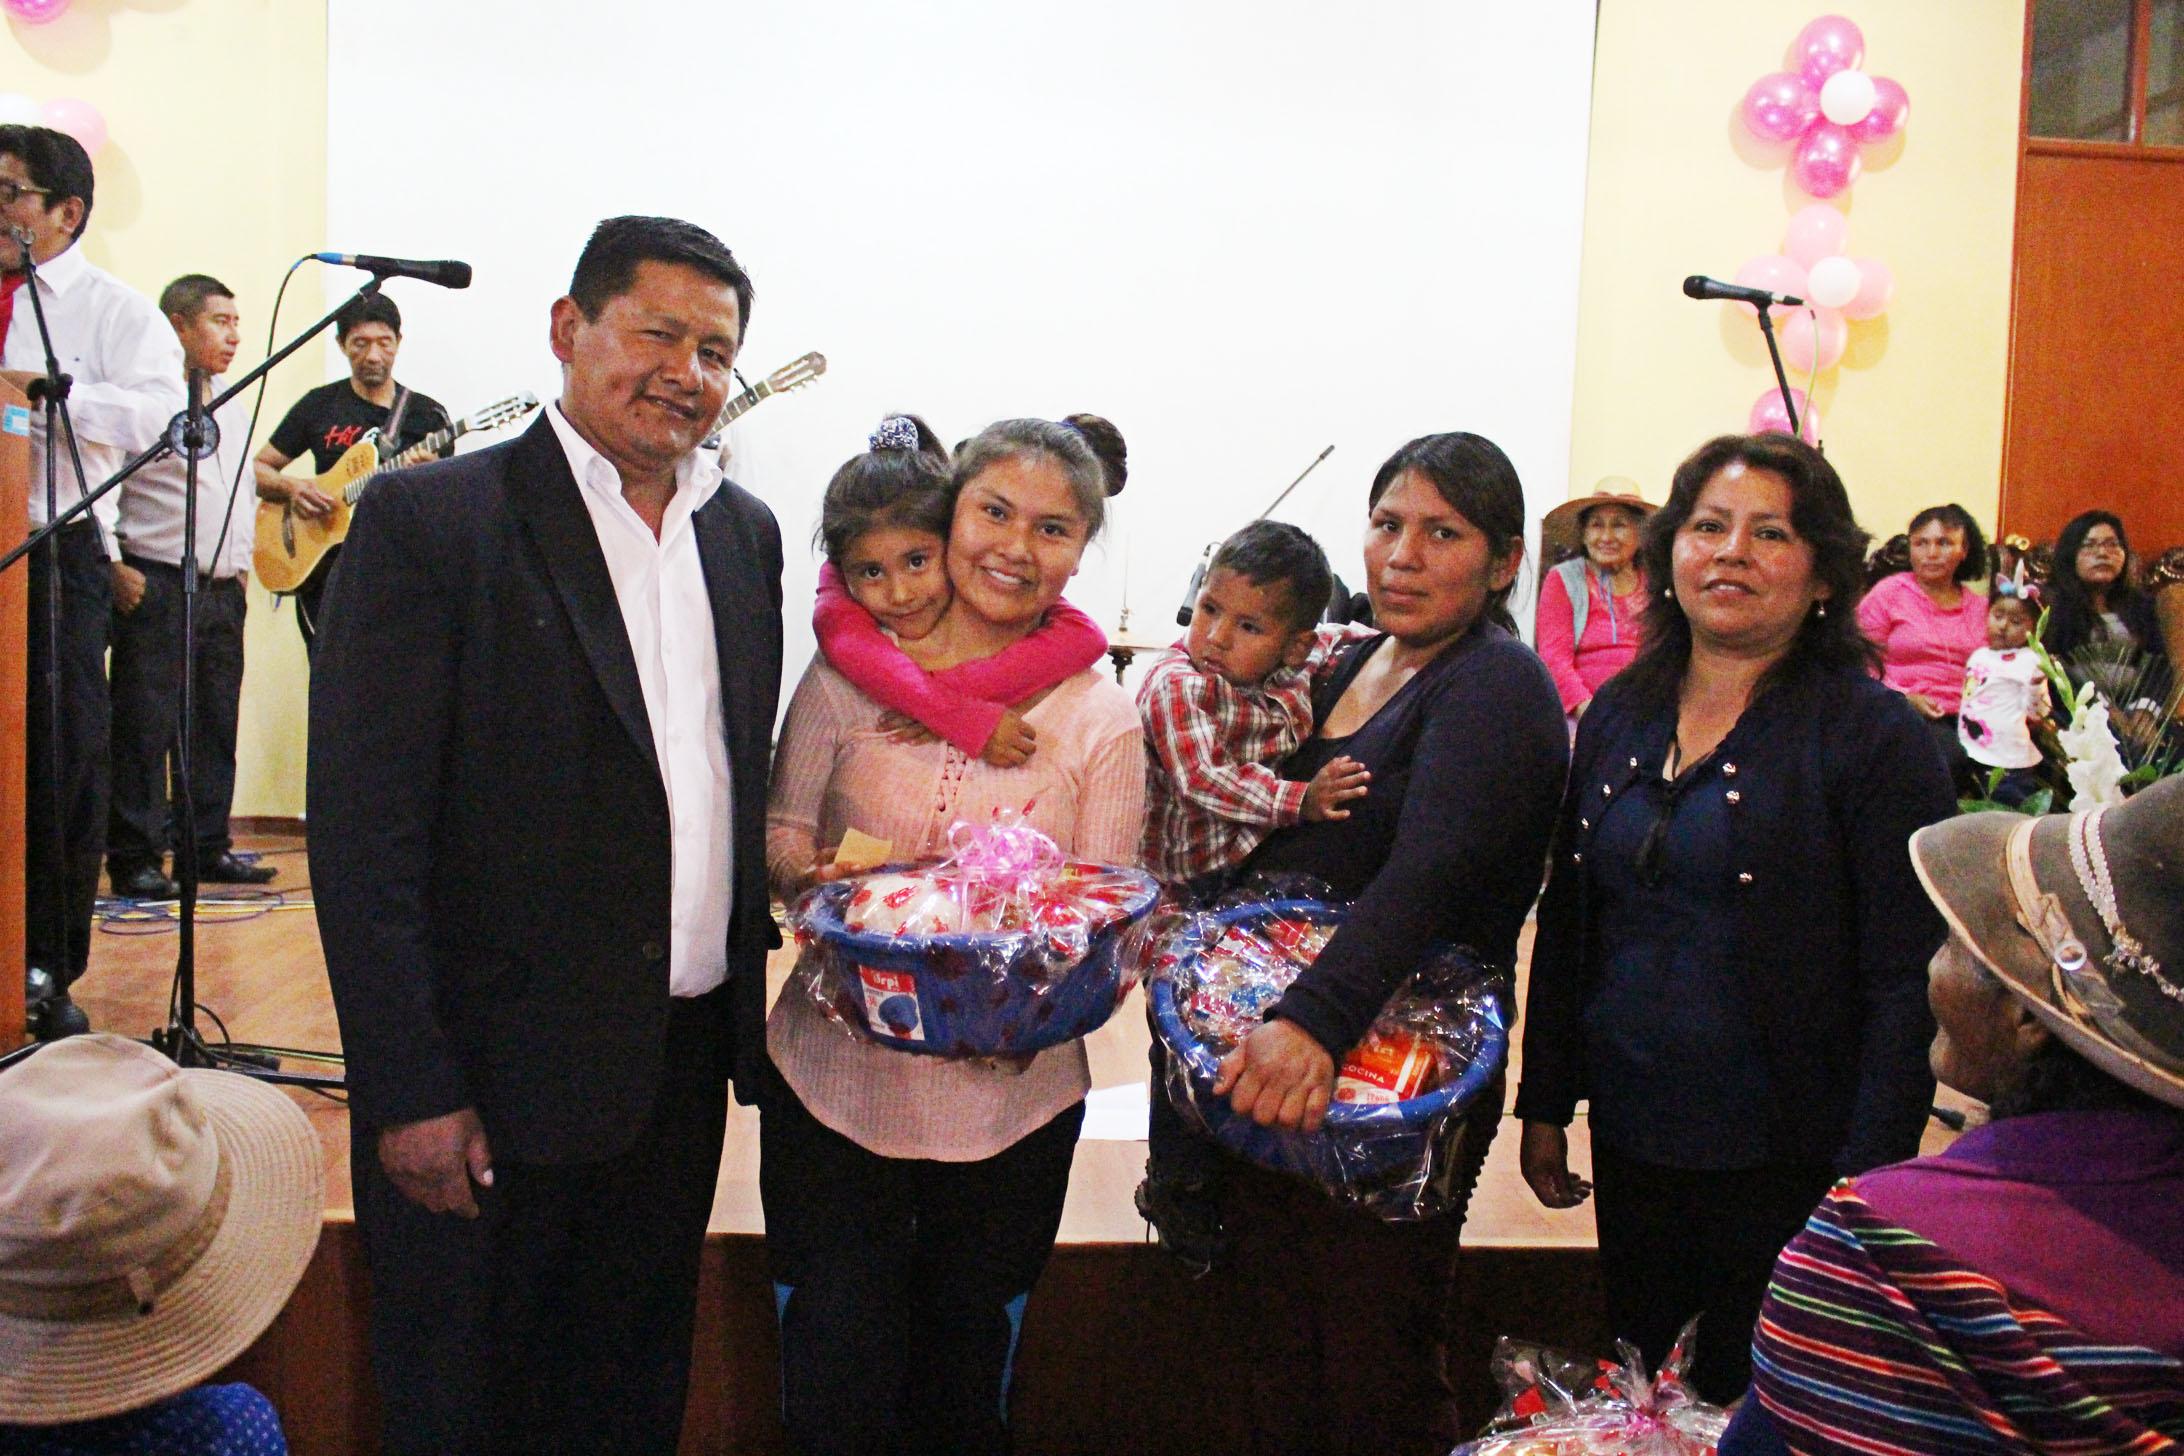 MUNICIPALIDAD DE TORATA RINDE HOMENAJE A LAS DAMAS DEL DISTRITO POR CONMEMORARSE EL DÍA INTERNACIONAL DE LA MUJER